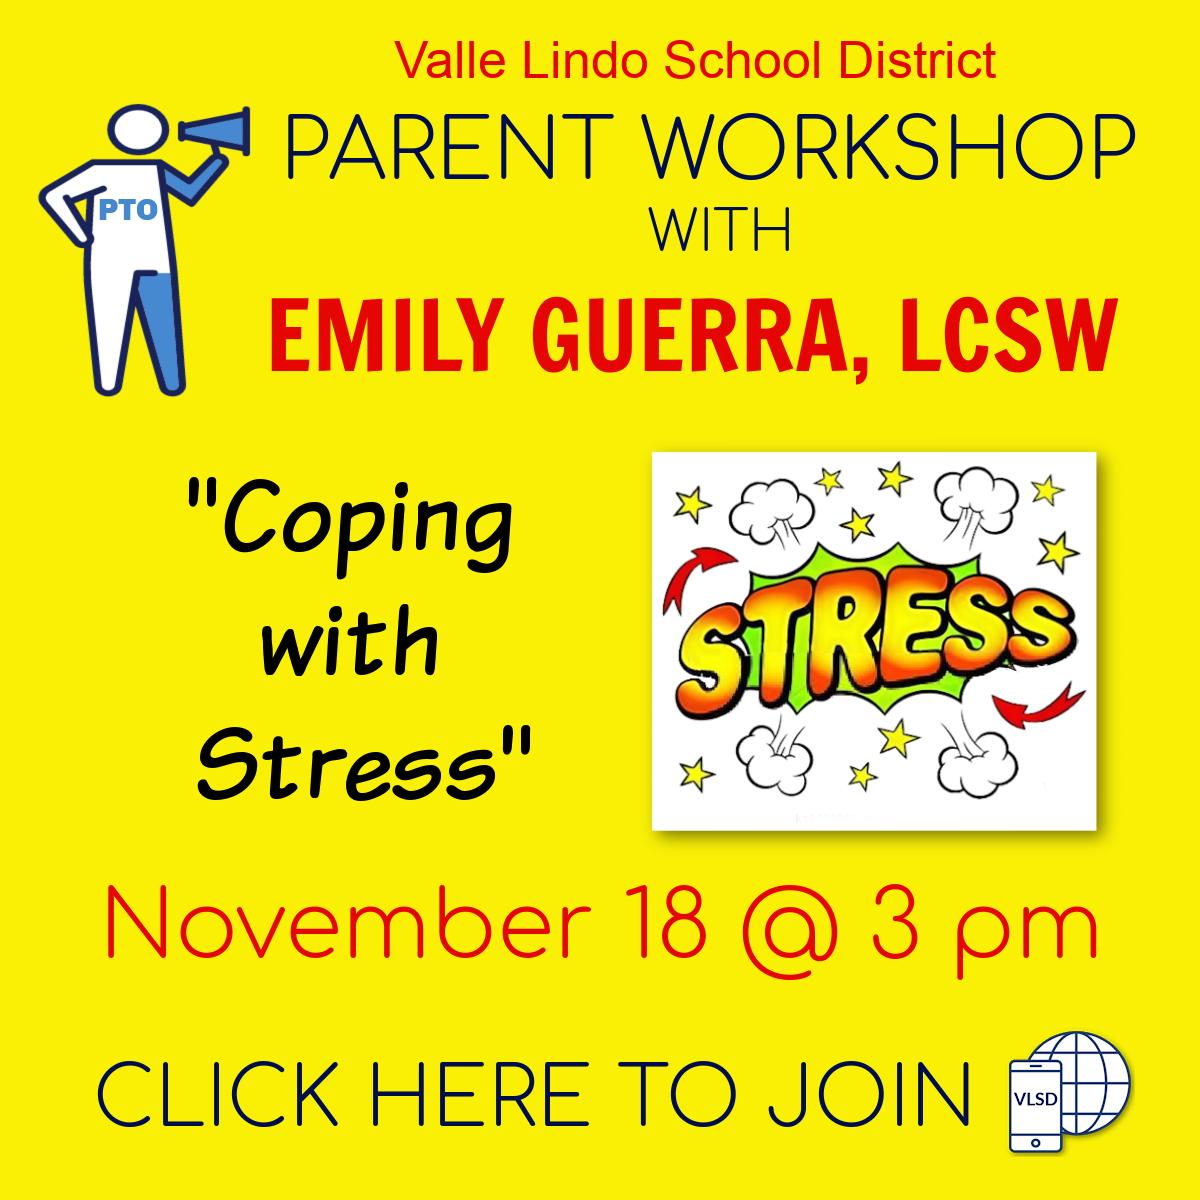 Parent workshop November